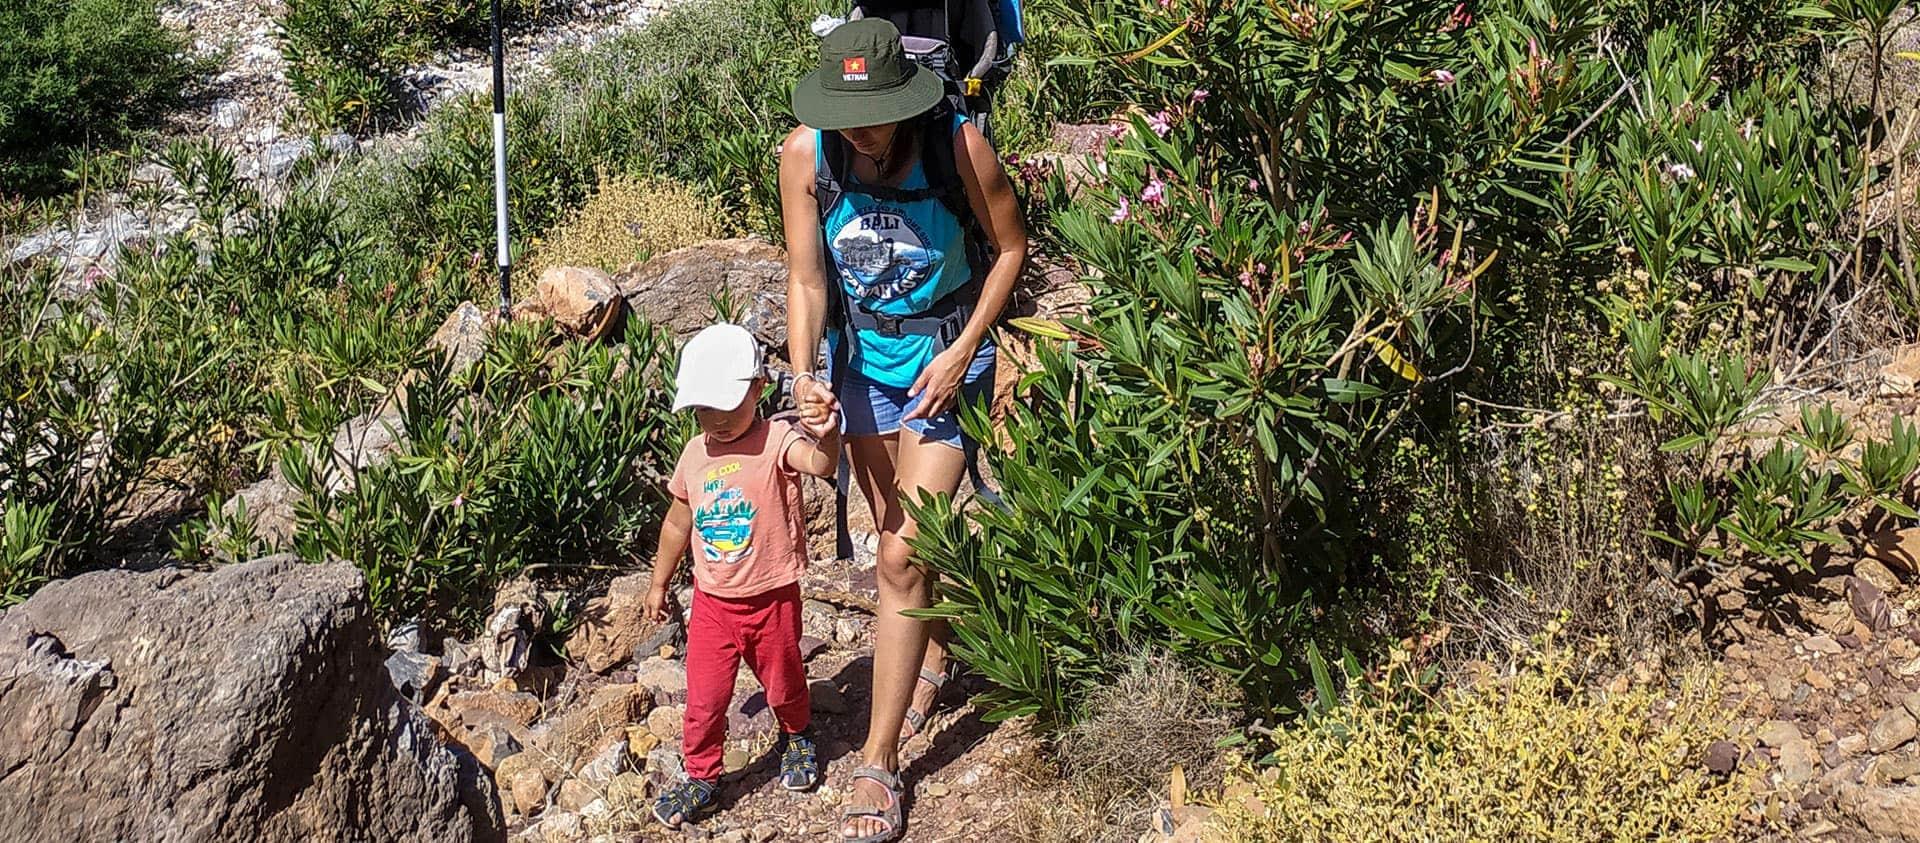 Πεζοπορία με μικρό παιδί, η μαμά με το παιδί περπατάνε